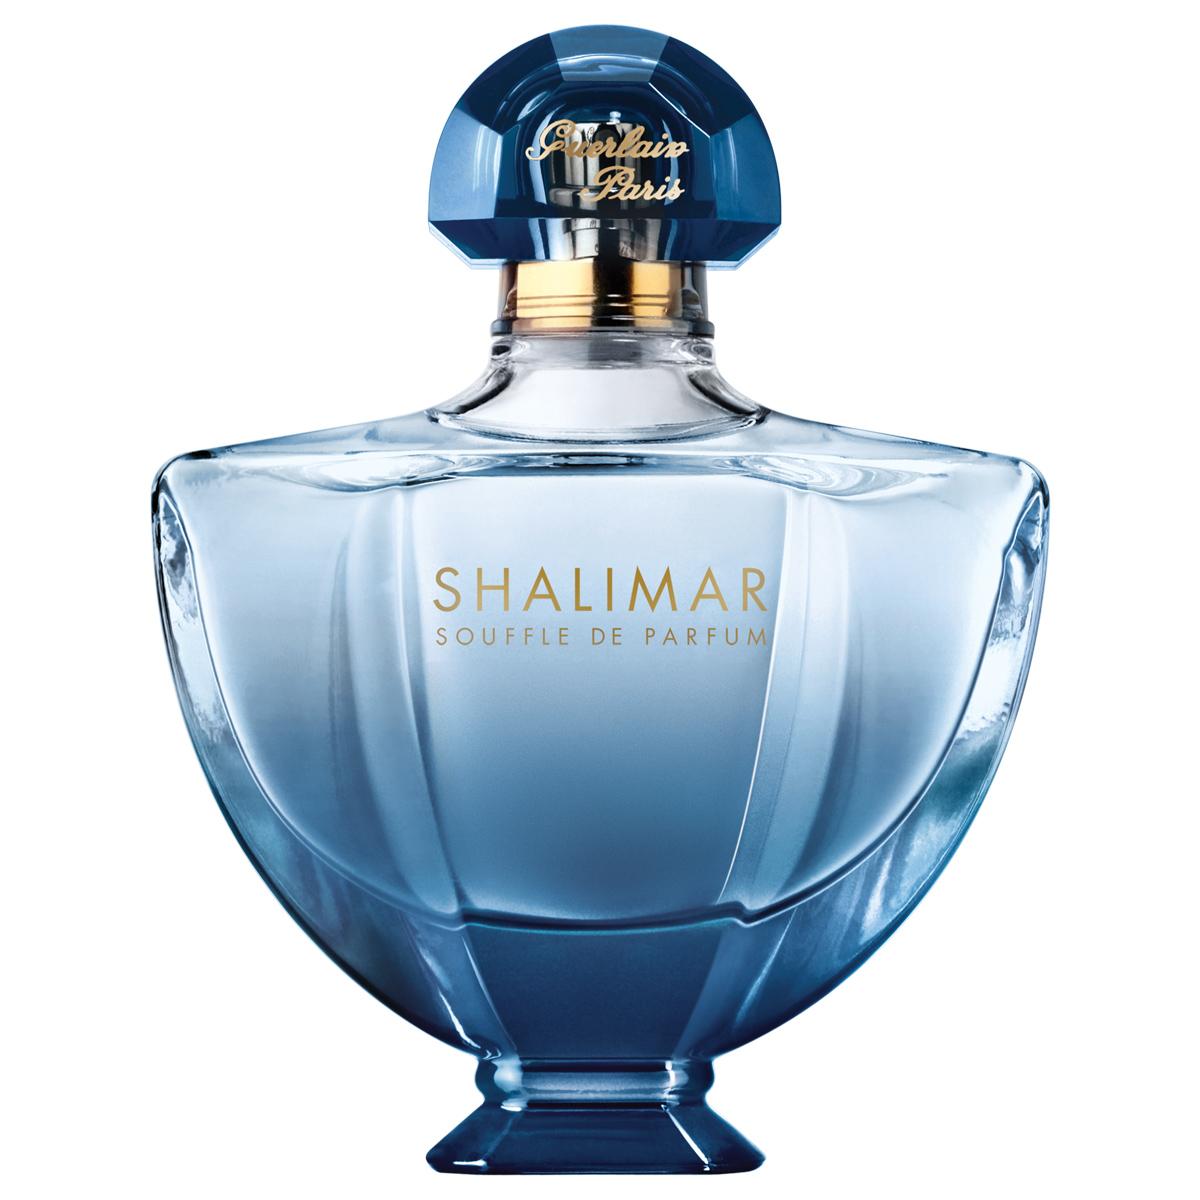 Eau de Parfum Shalimar Souffle de Parfum - GUERLAIN